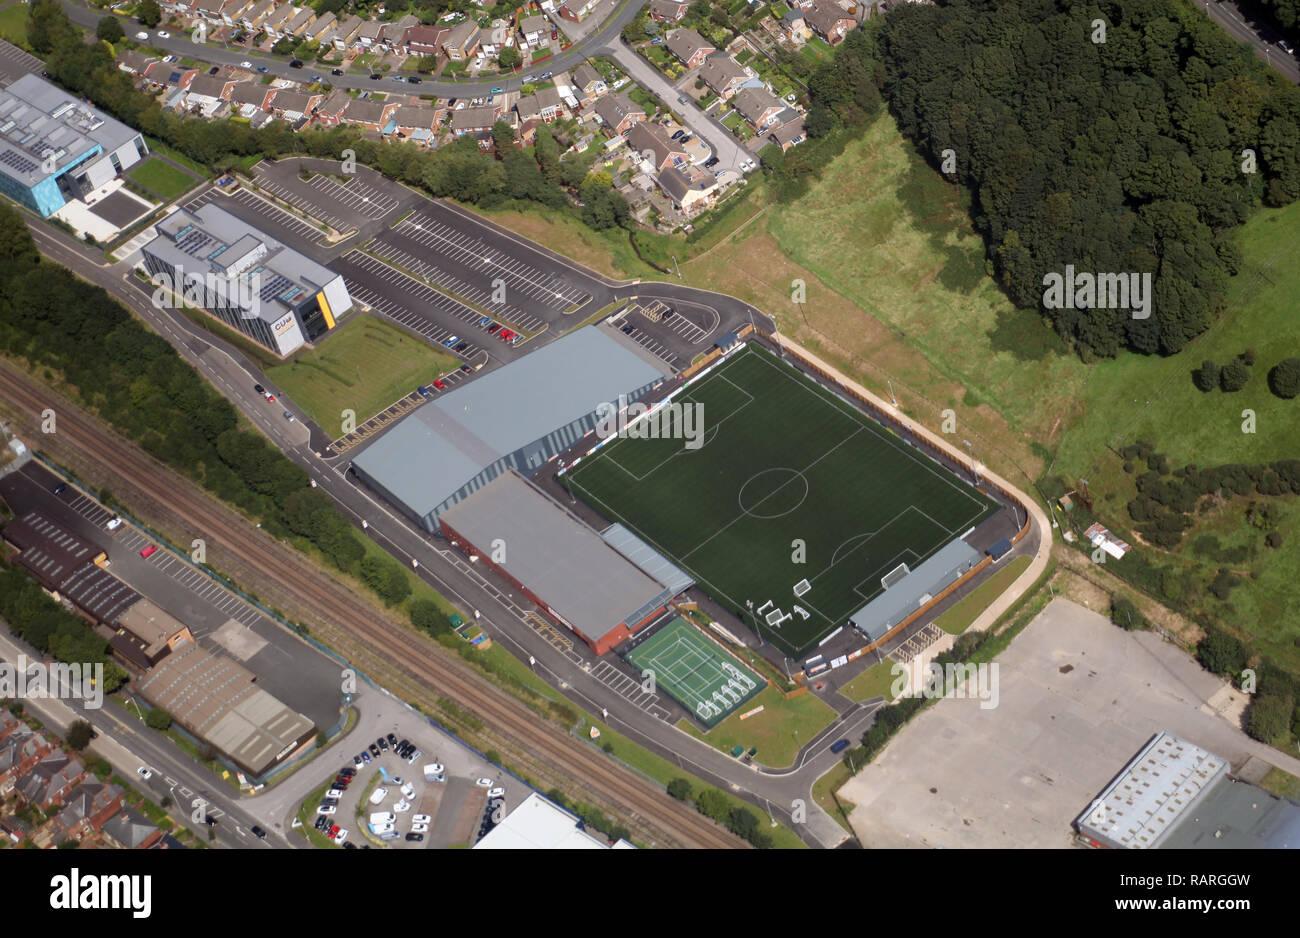 Luftbild der neuen Scarborough Football Club home Boden mit dem Sports Village, Universität Coventry (Scar Campus) und UTC im Hintergrund Stockbild